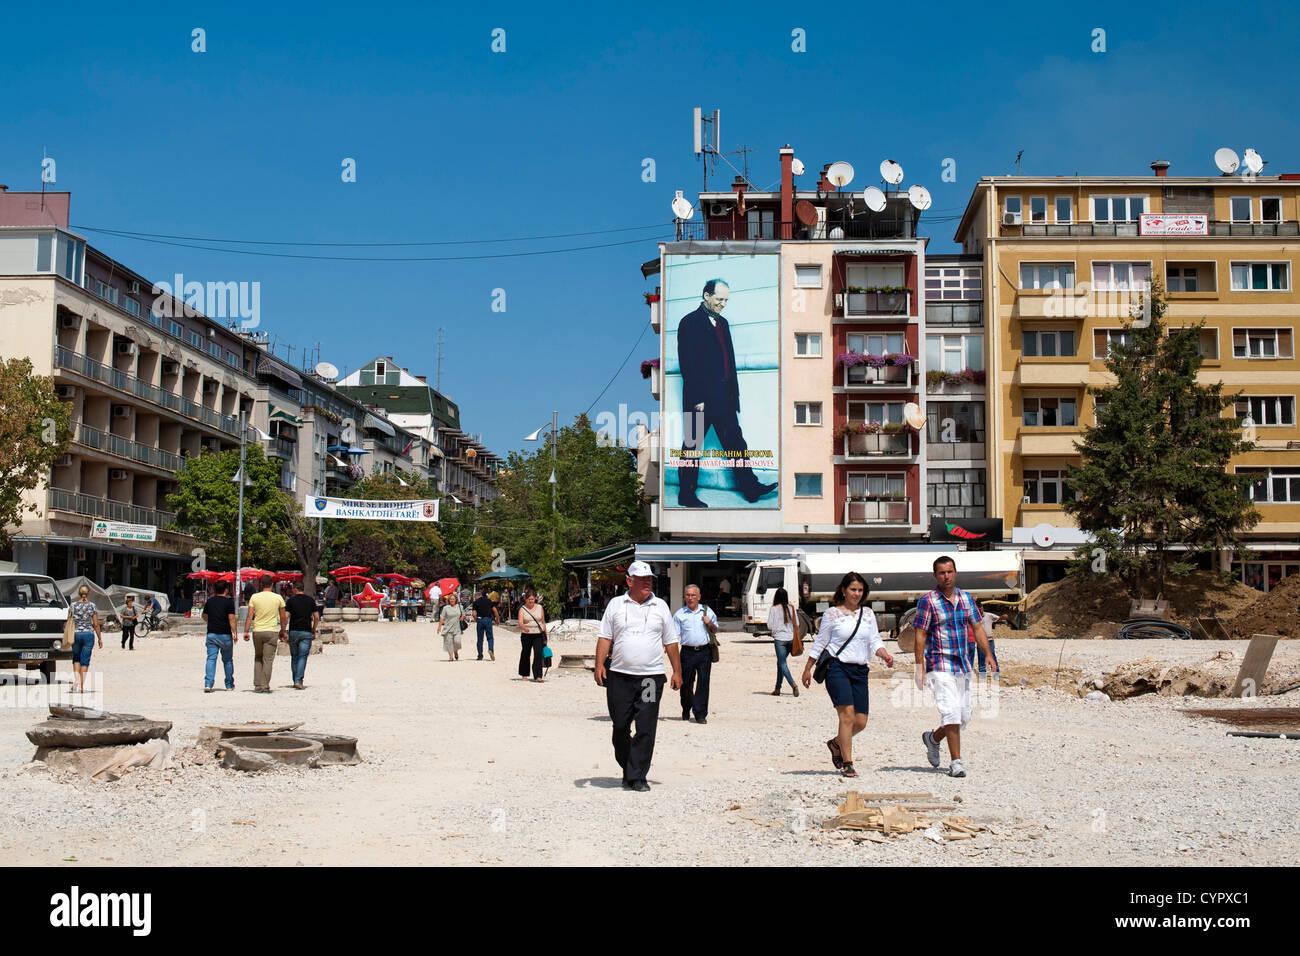 Umbauarbeiten im Zentrum von Pristina, der Hauptstadt der Republik Kosovo. Stockbild